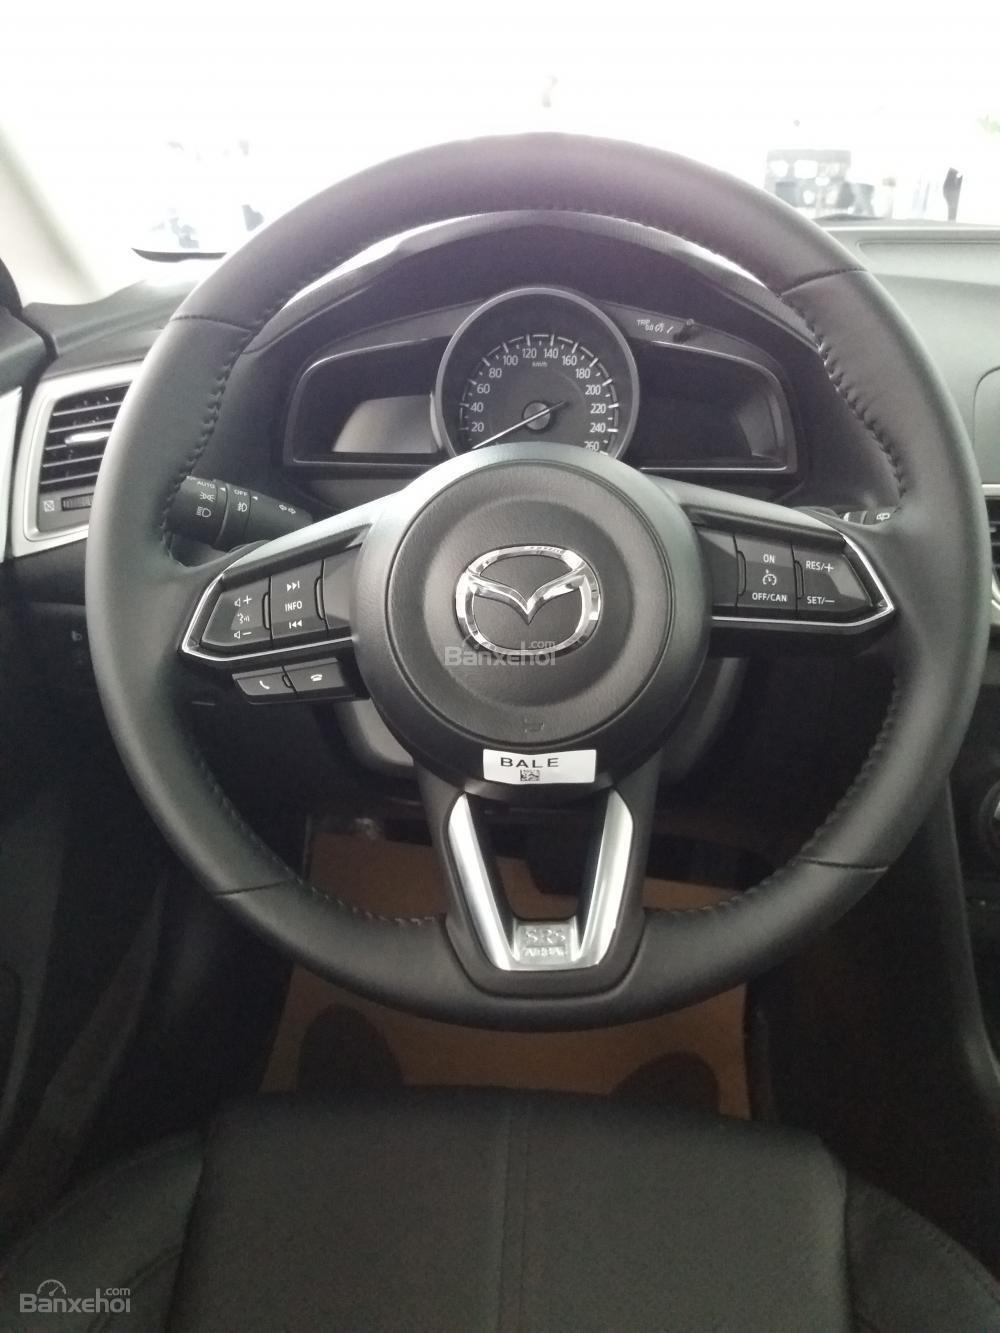 Bán Mazda 3 Facelift năm sản xuất 2019 - Giảm tiền mặt lên đến 20tr - Vay trả góp 85%, lãi suất tốt - LH: 0961.122.122-7